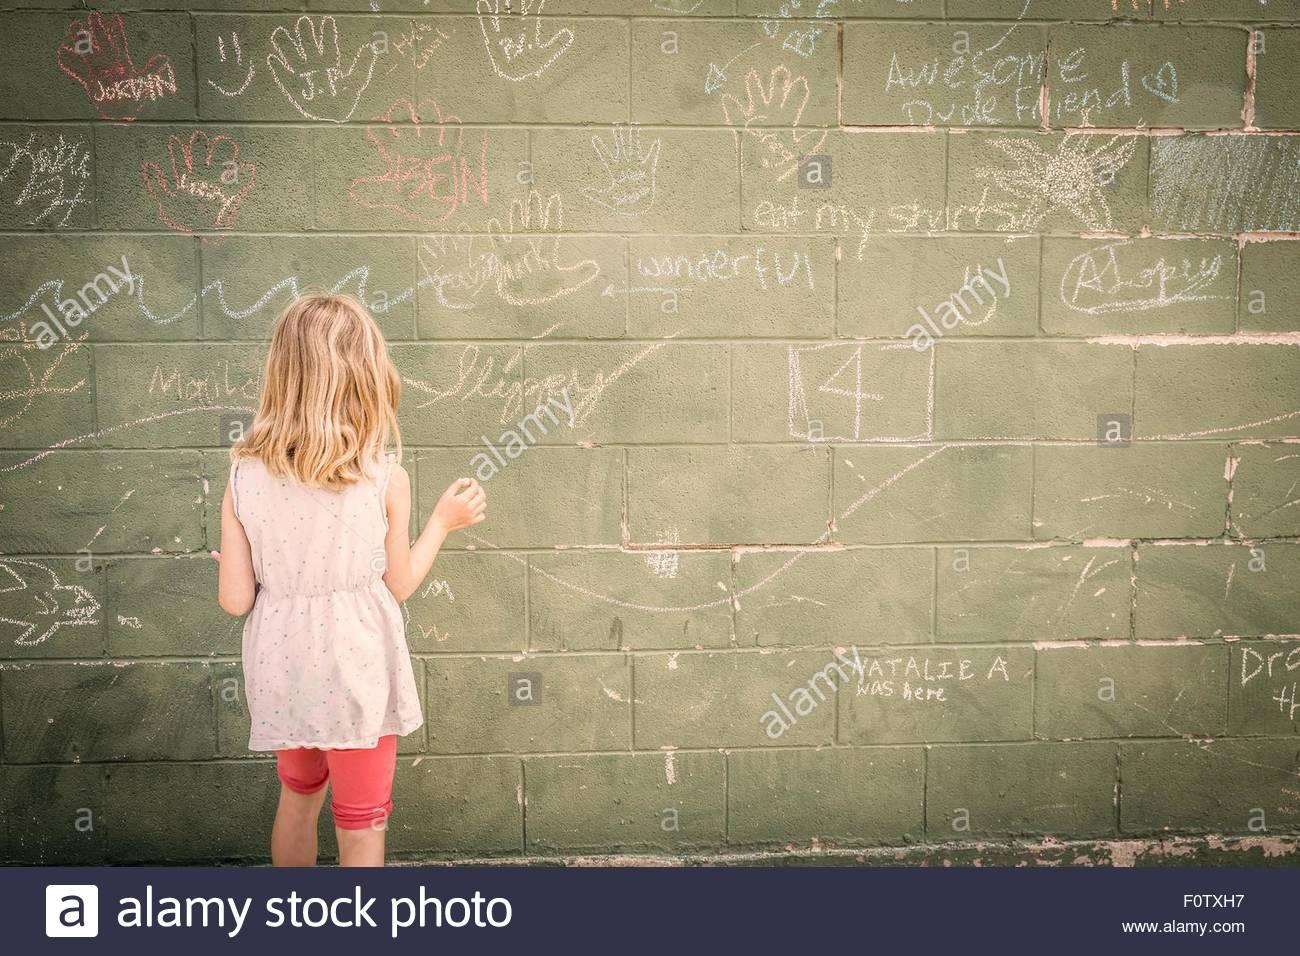 Mädchen vor Wand mit Kreidezeichnungen, Rückansicht Stockbild